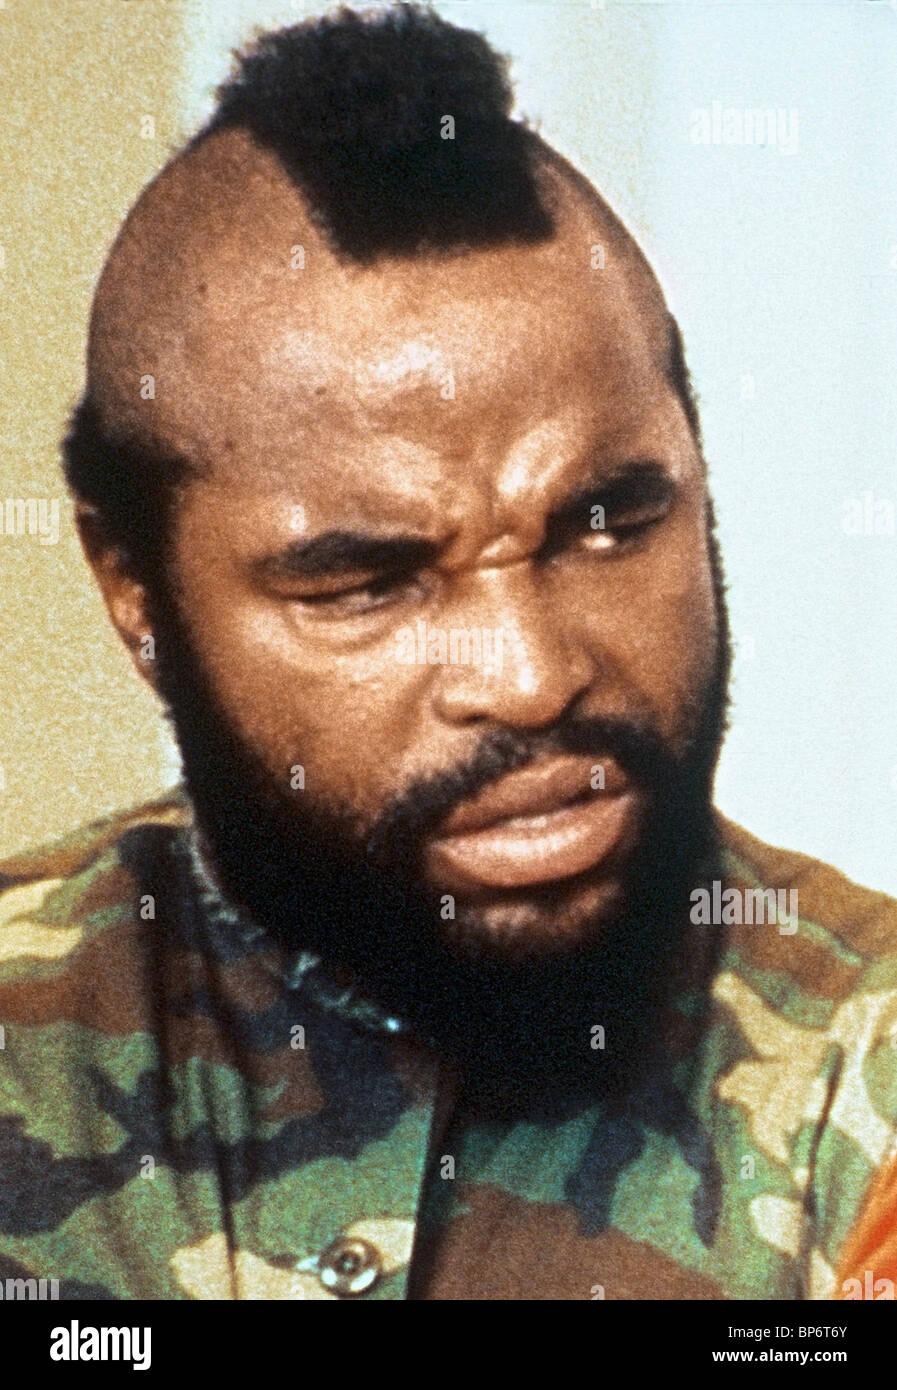 Mr T Ba Baracus The A Team 1983 Stock Photo 30883523 Alamy